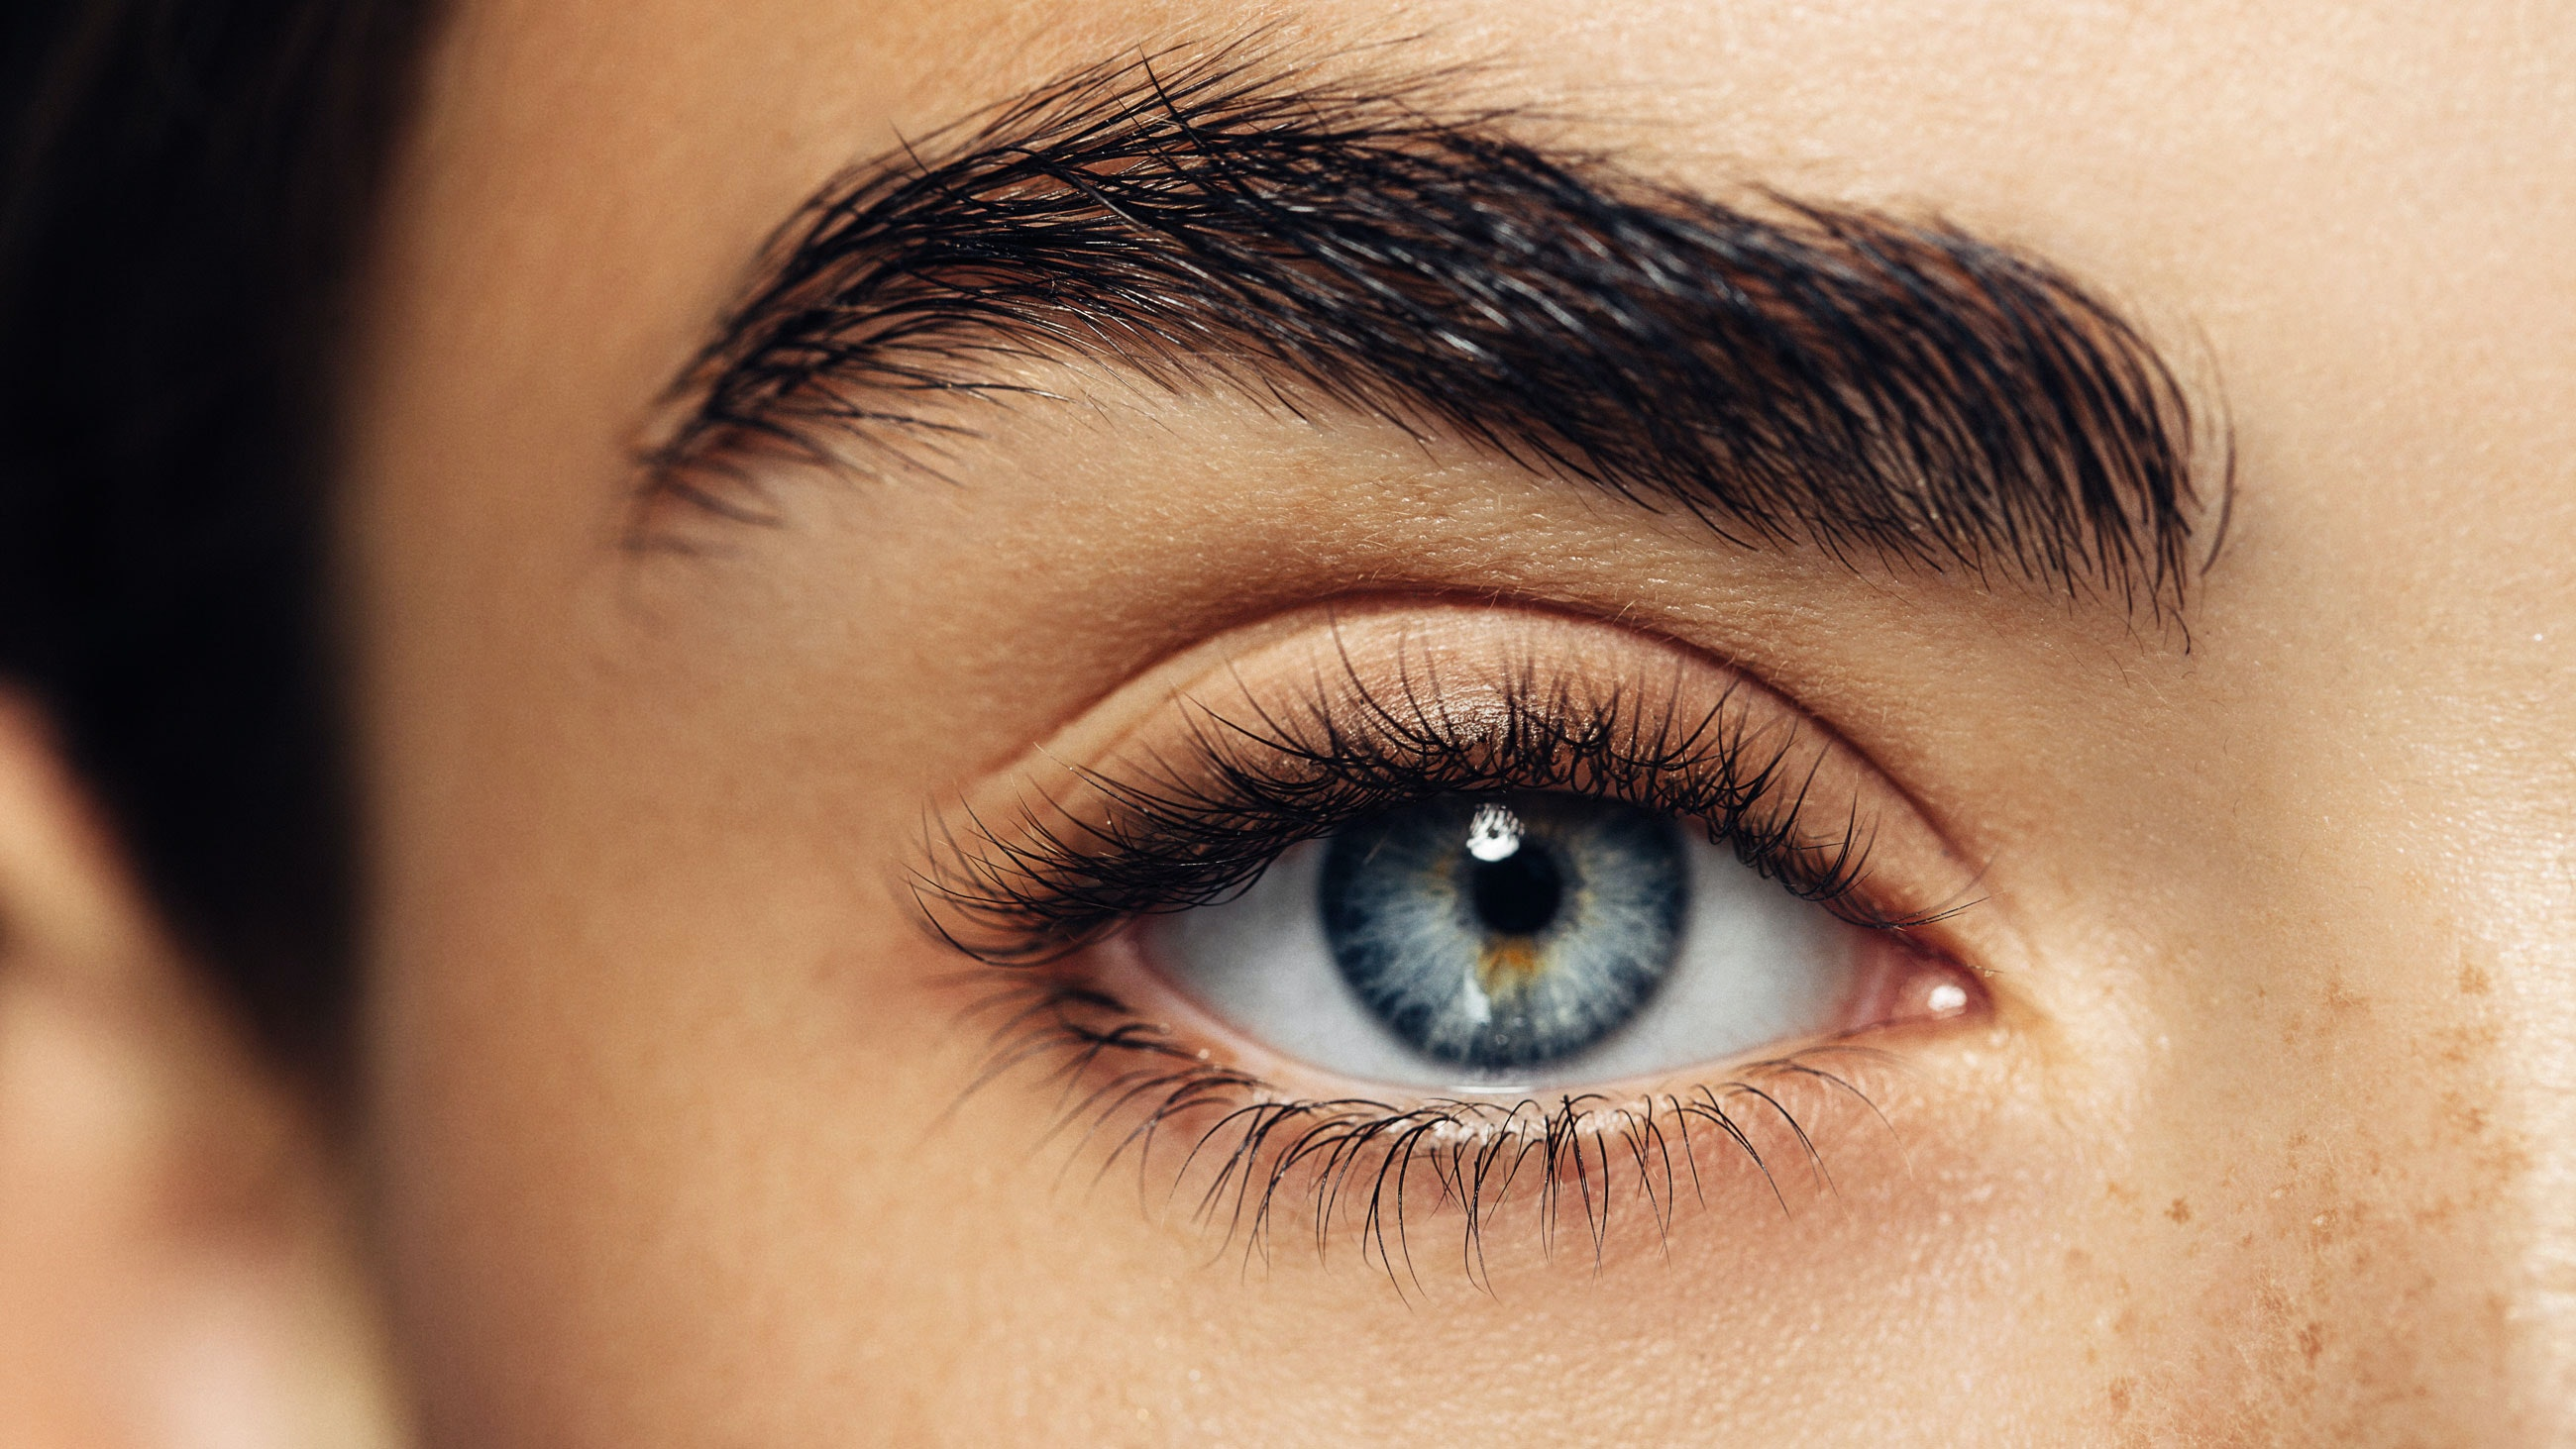 Closeup photo of a woman's eye